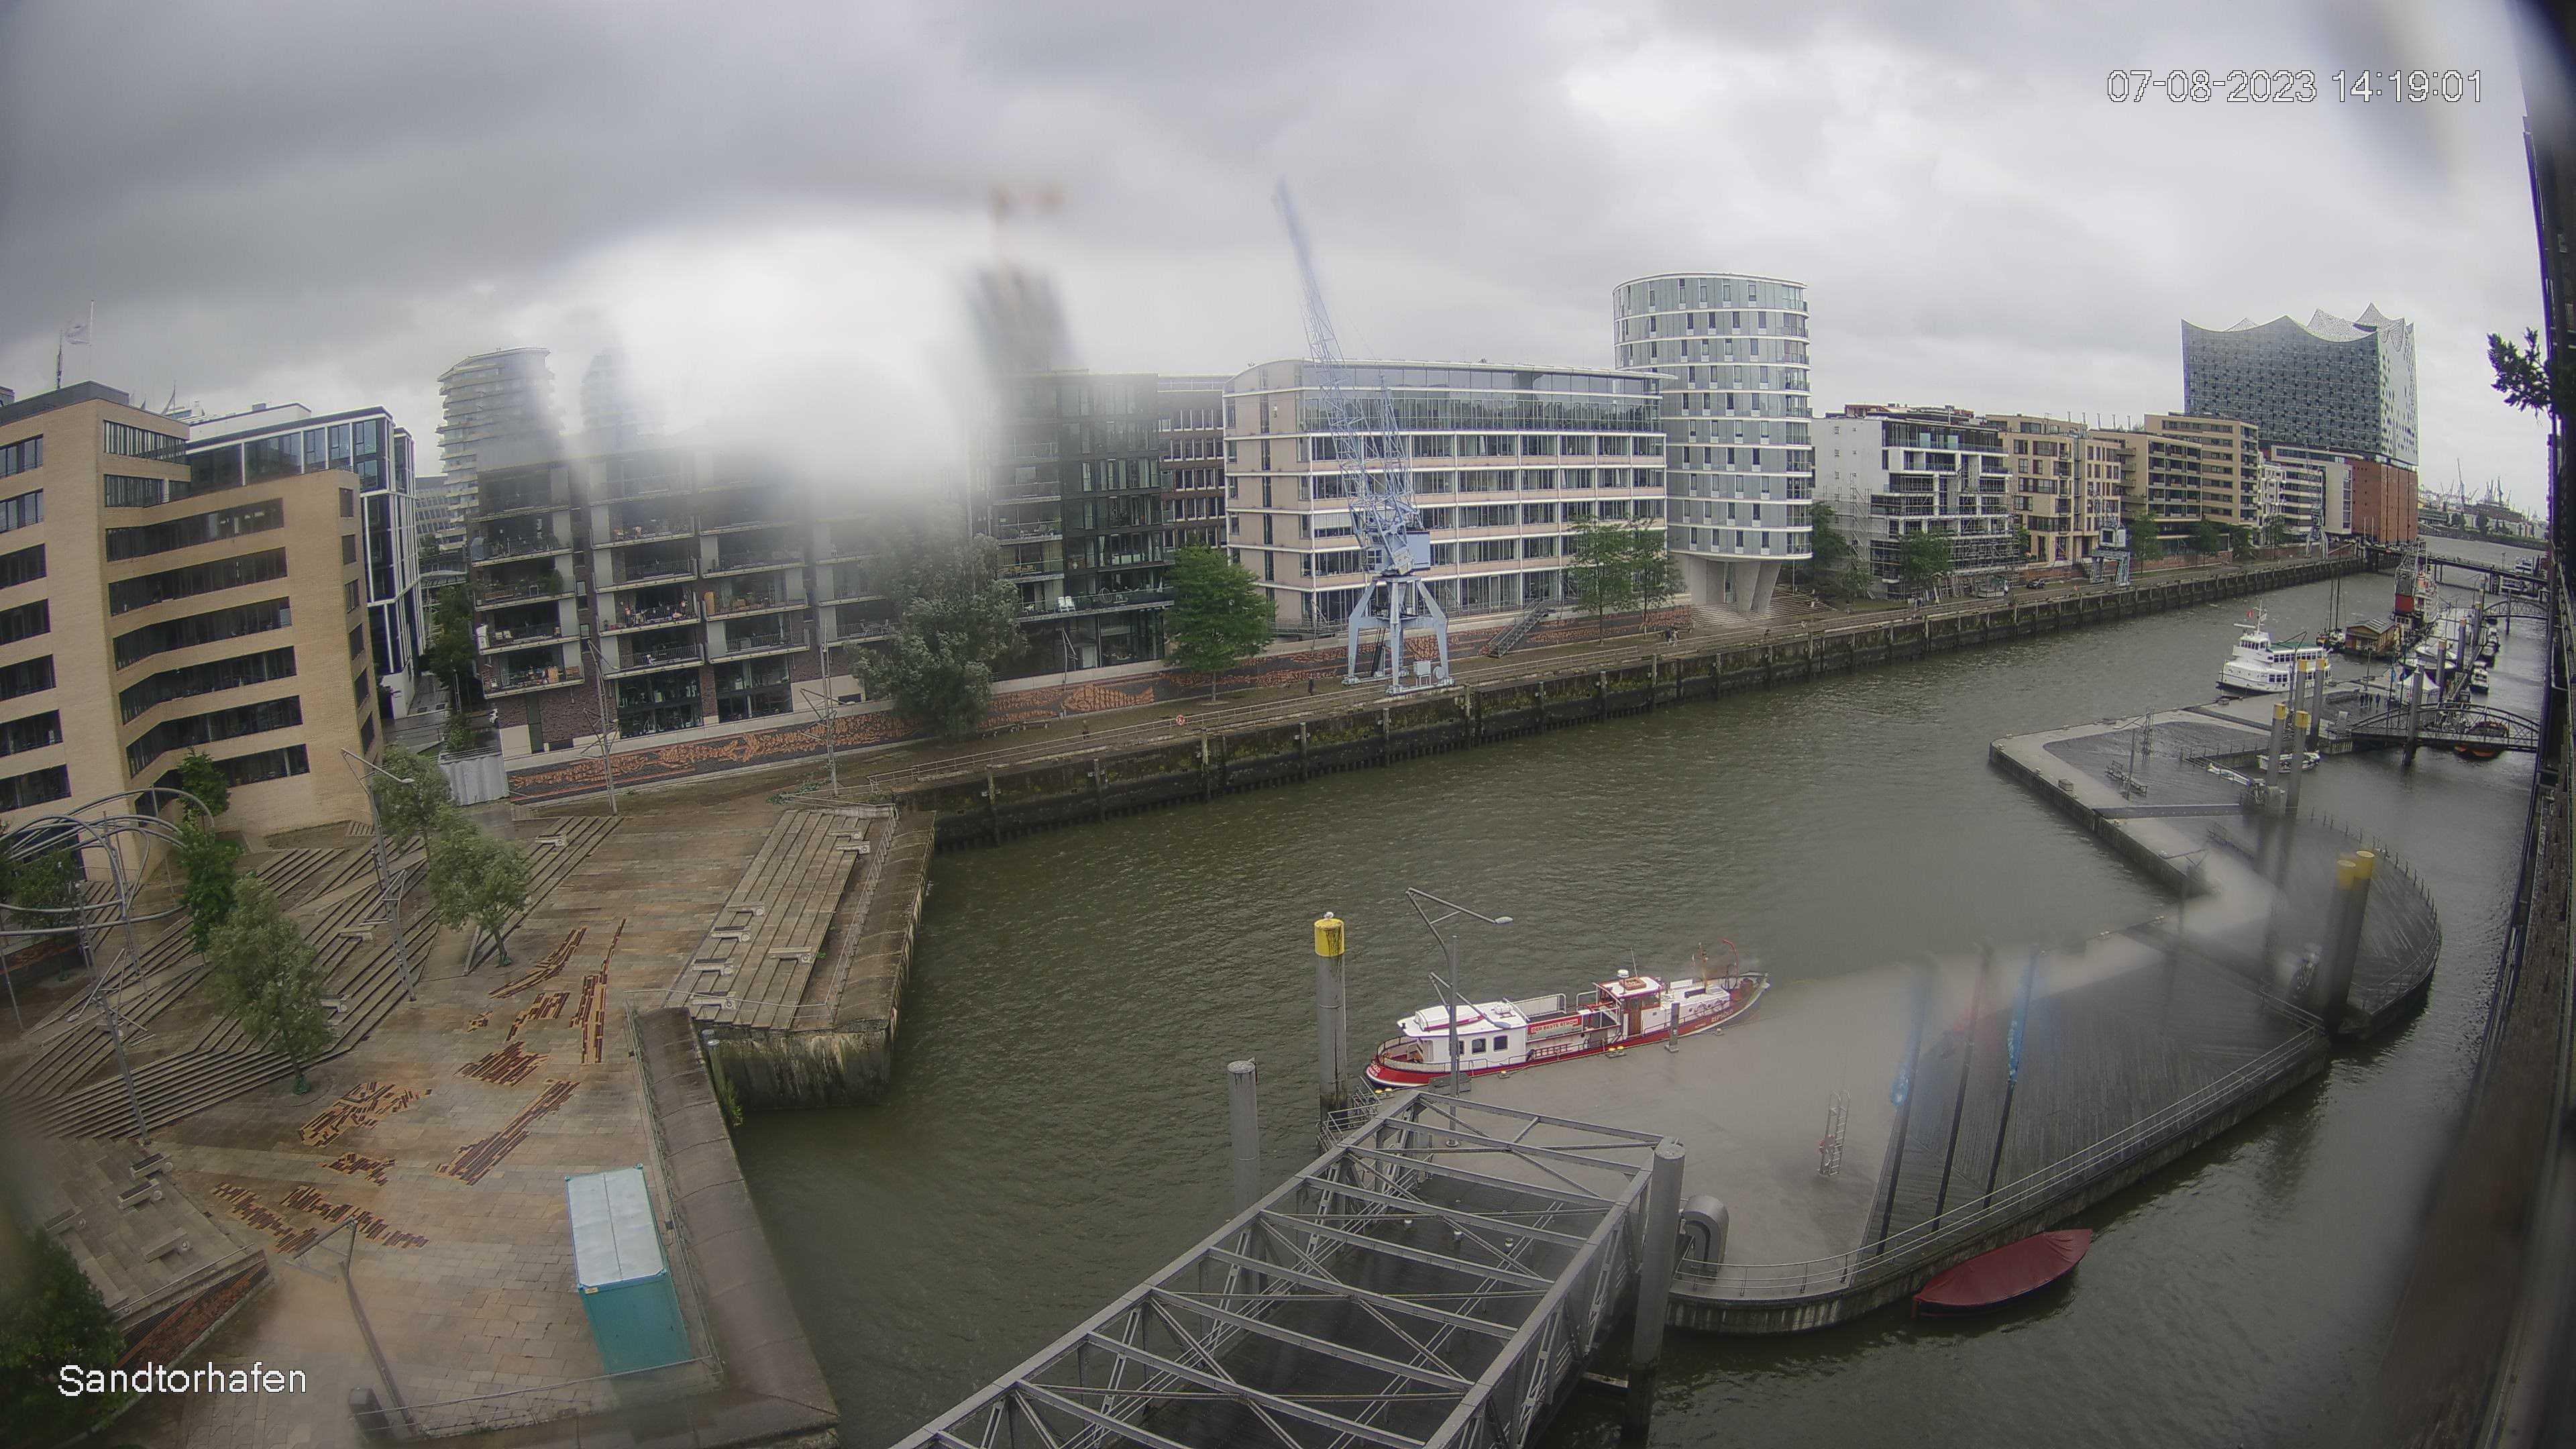 Webcam image of Sandtorhafen mit Elbphilharmonie